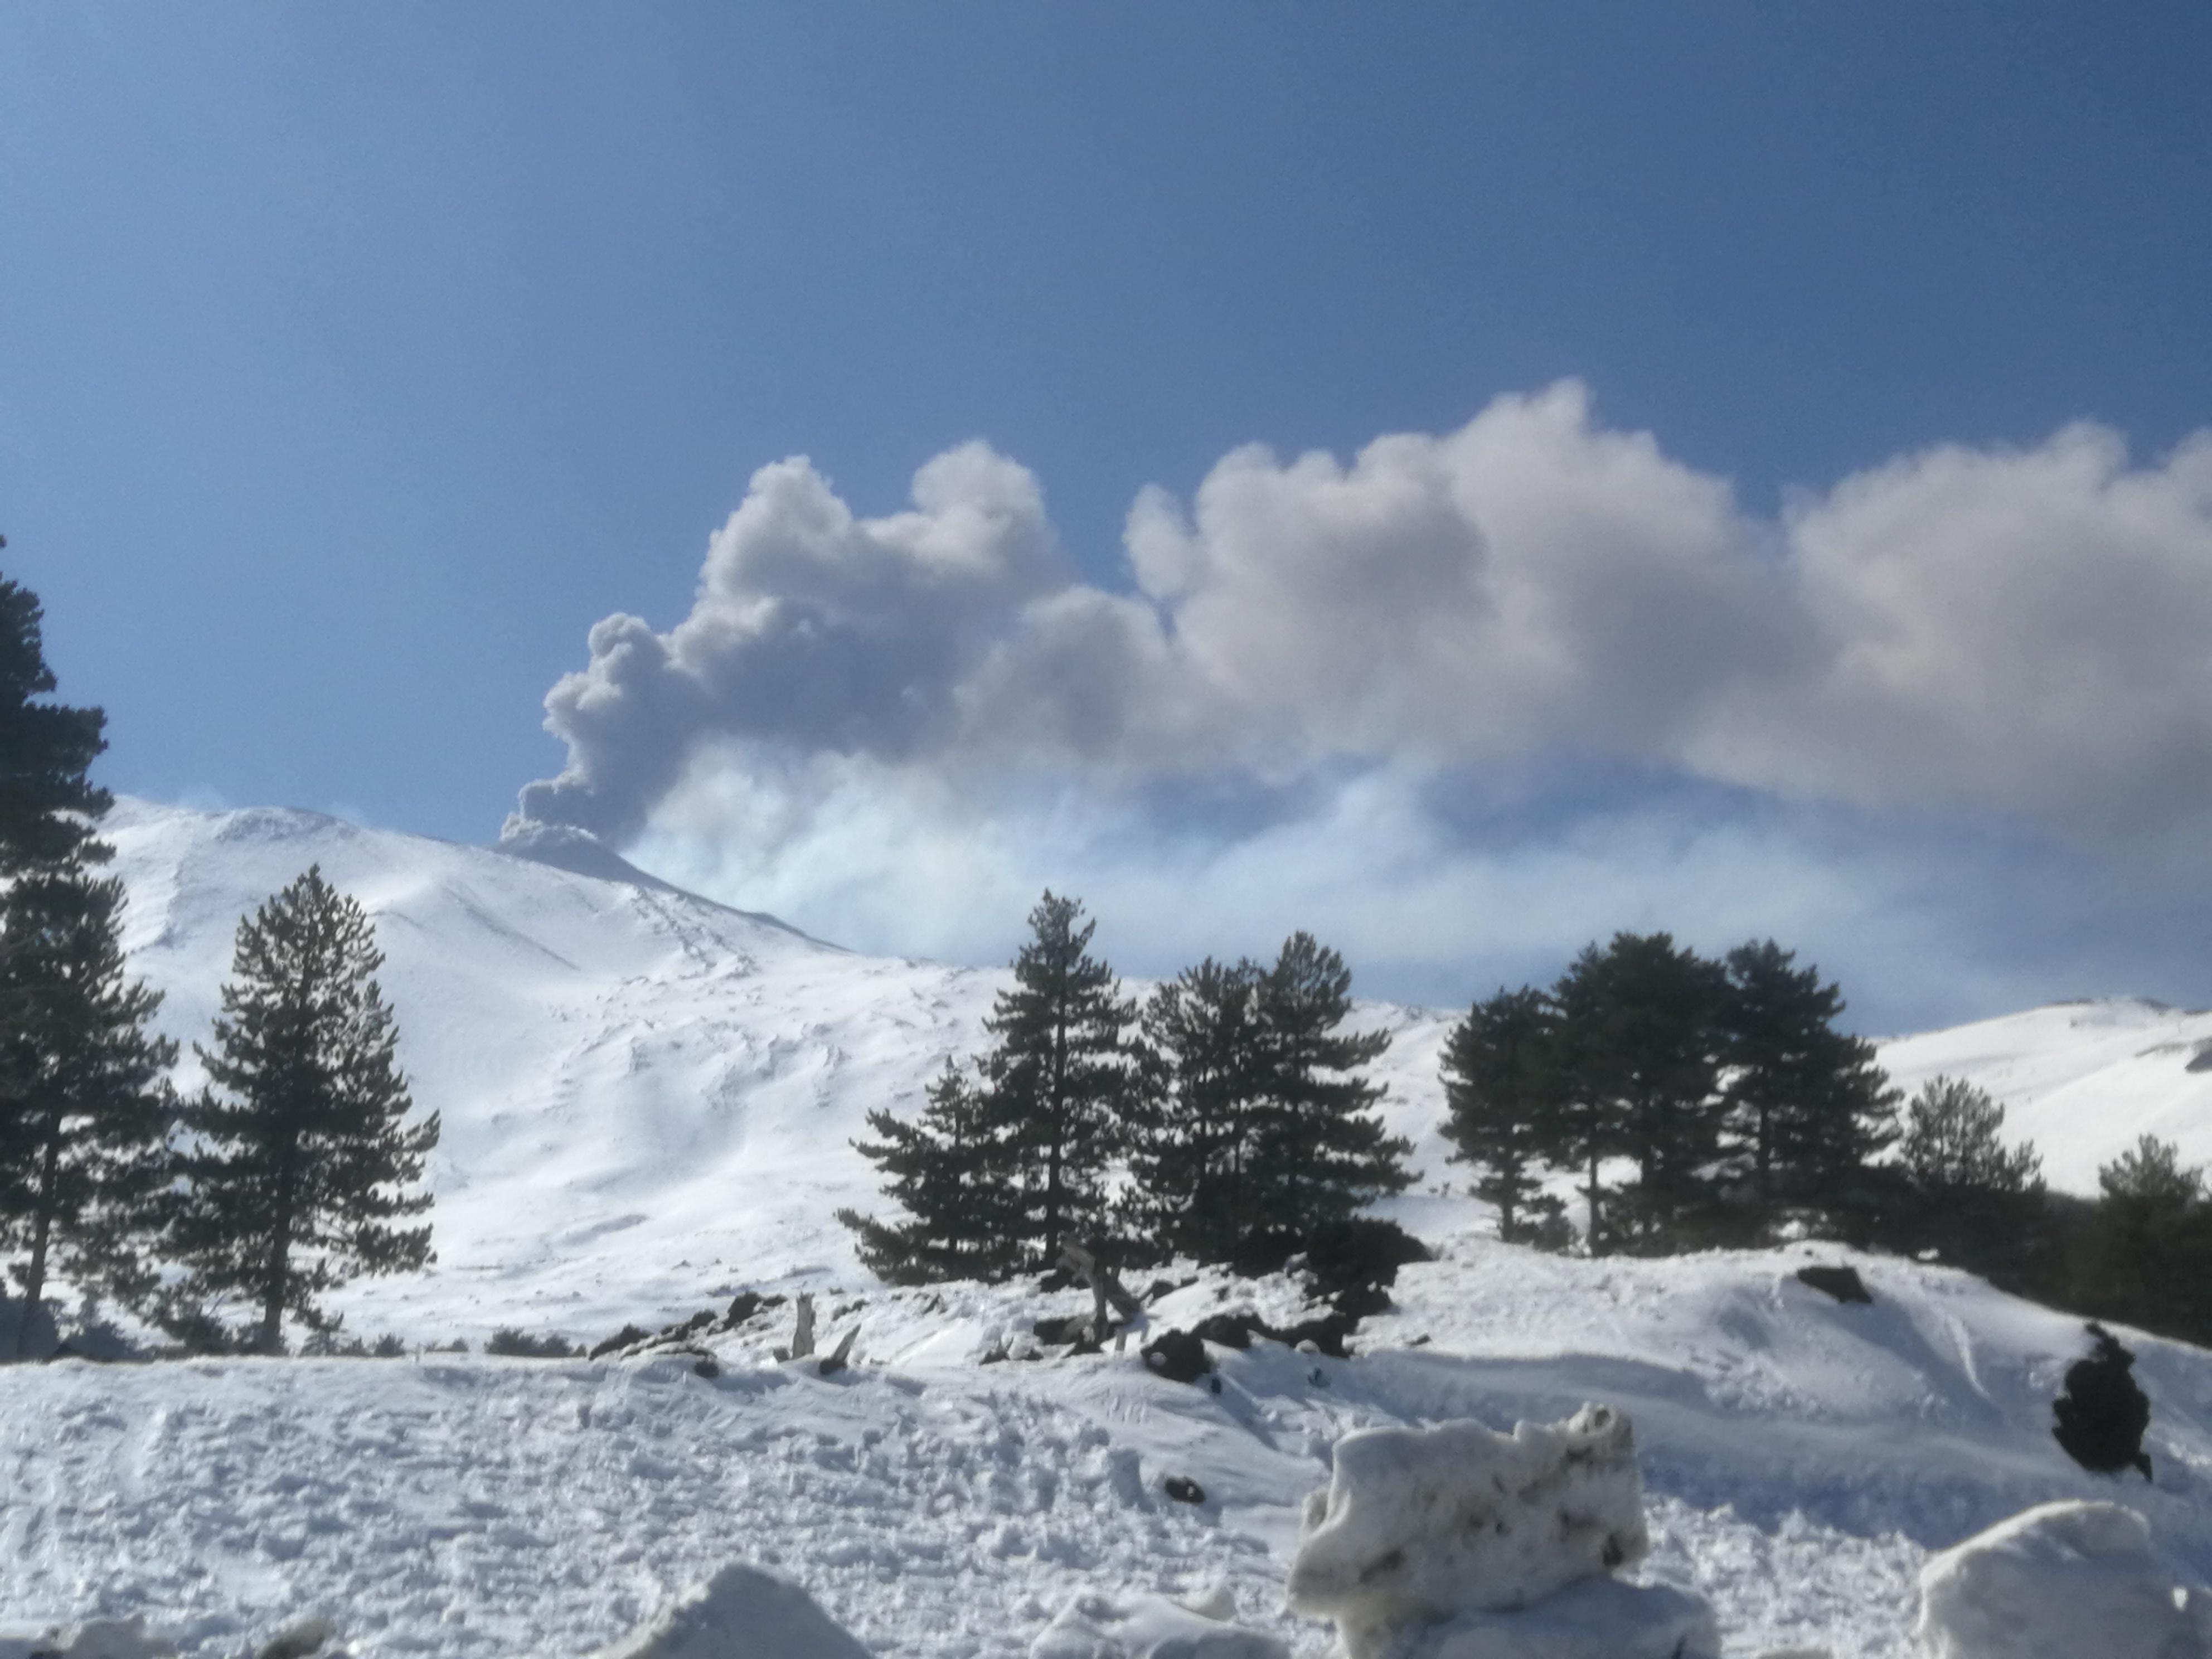 smoke and snow